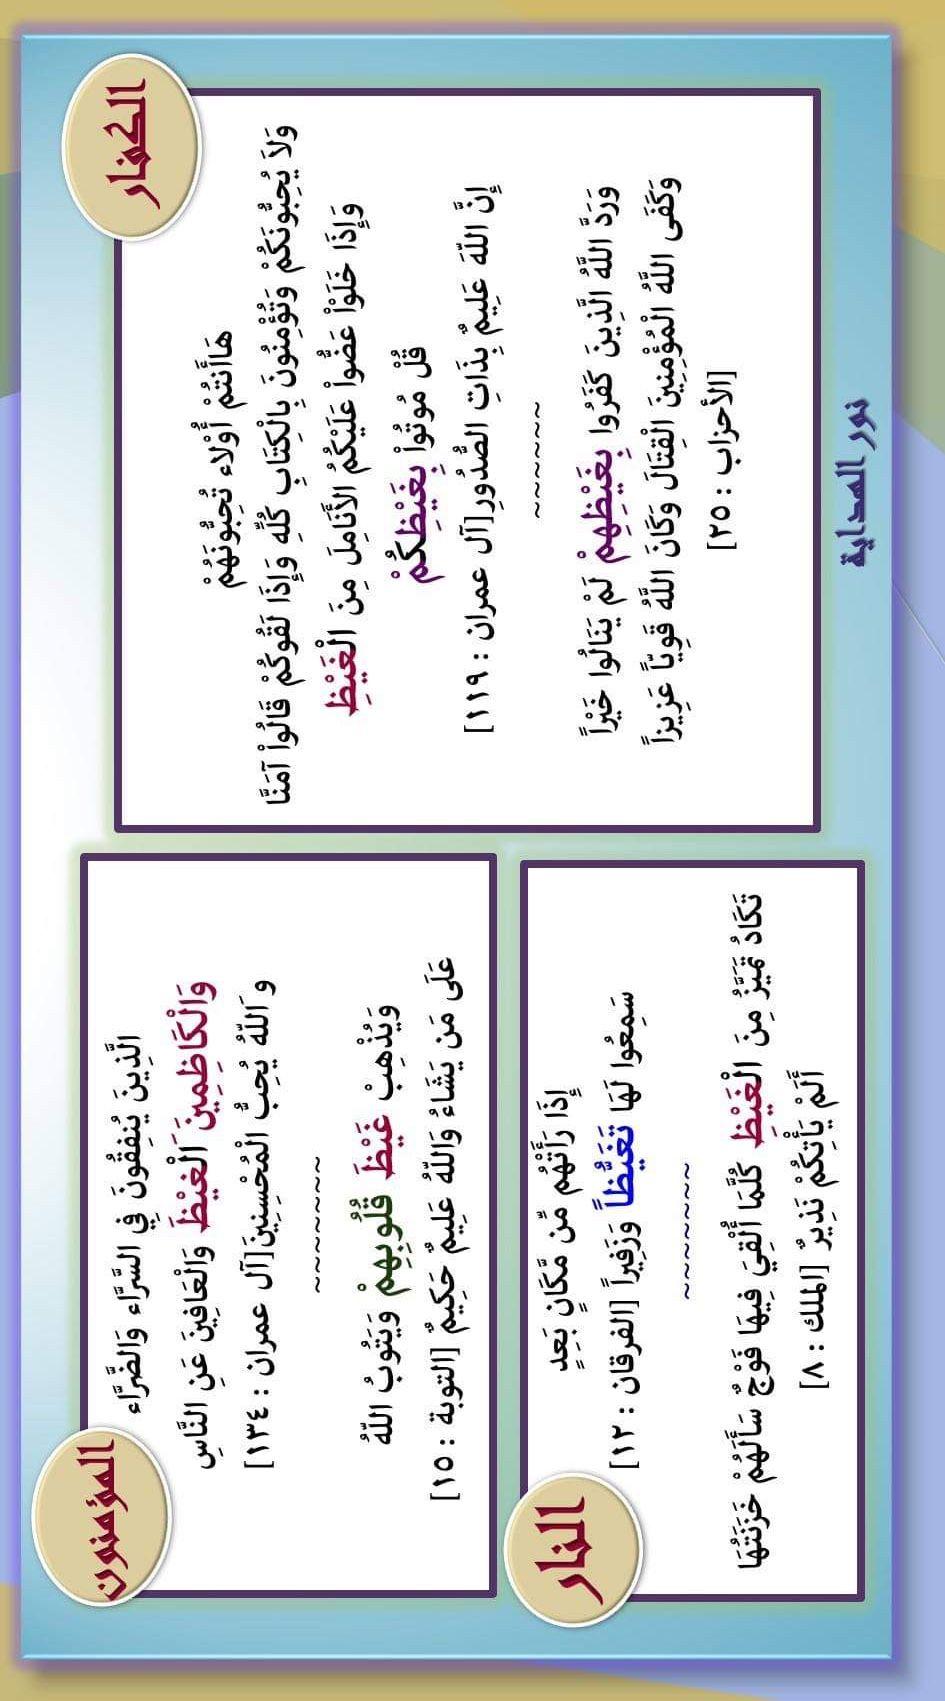 غيظ ومشتقاتها أسماء عشر مرات في القرآن يغيظ ثلاث مرات Islamic Quotes Quotes Word Search Puzzle